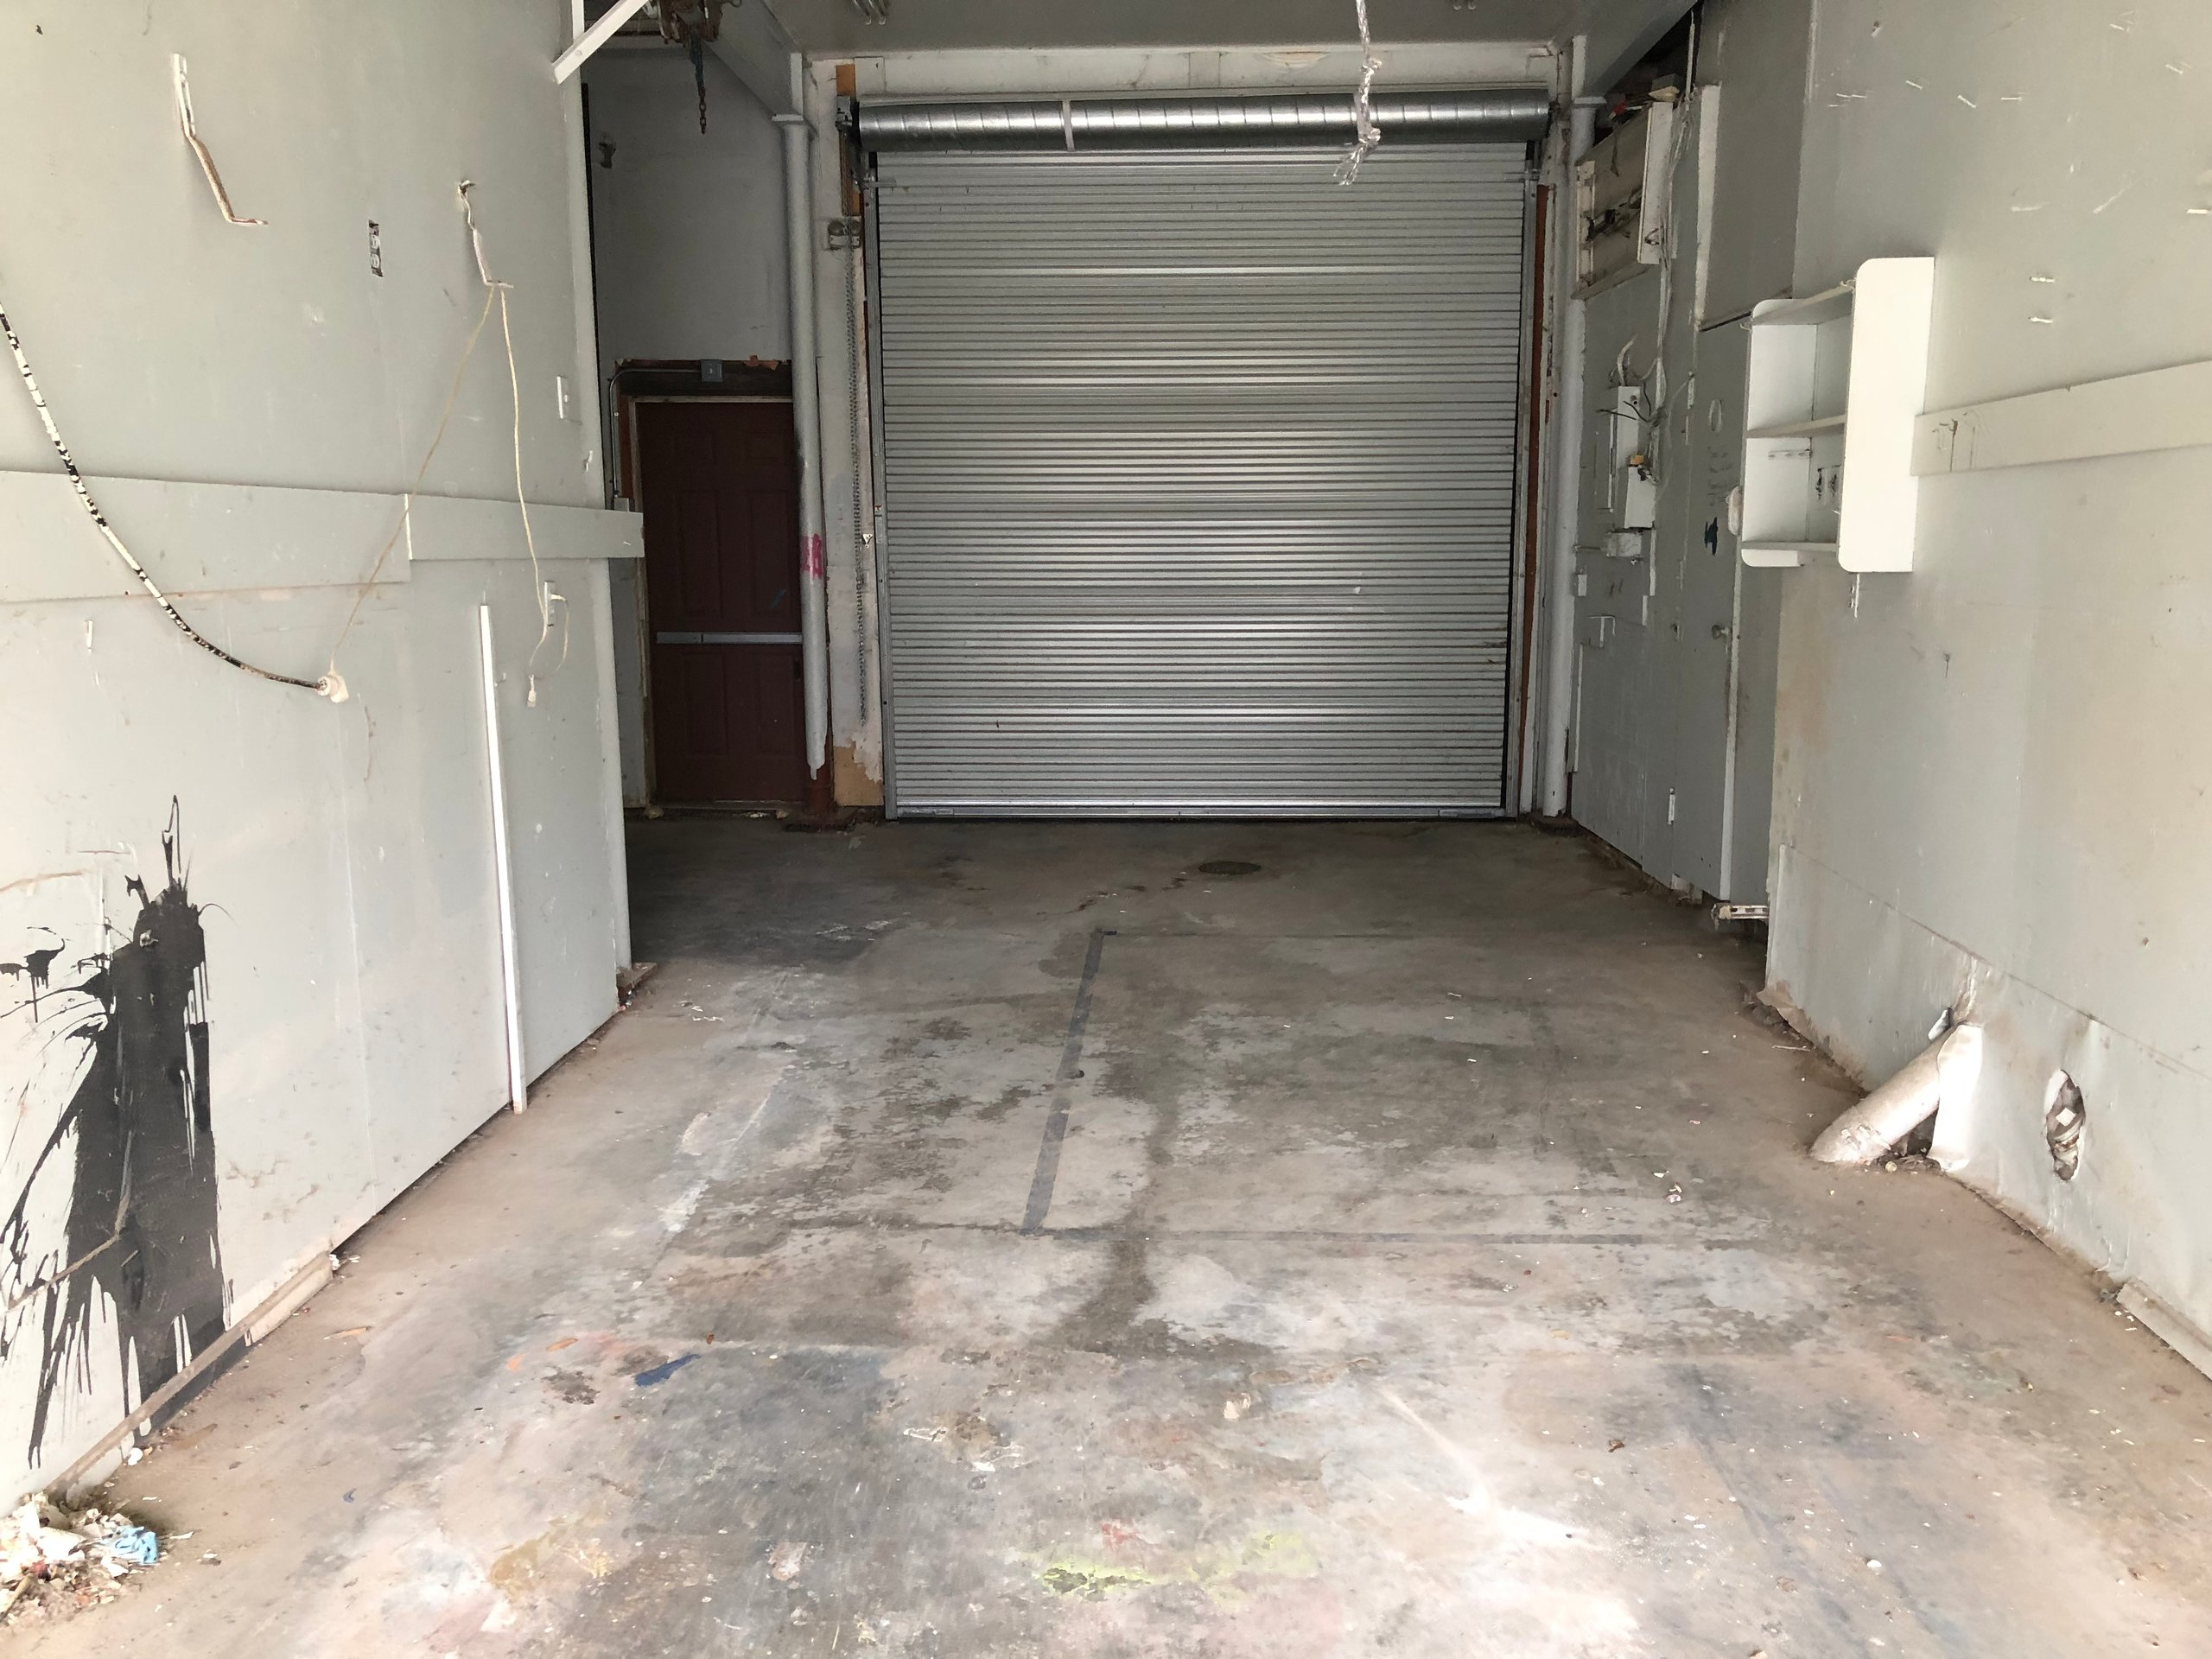 36x12 Garage self storage unit